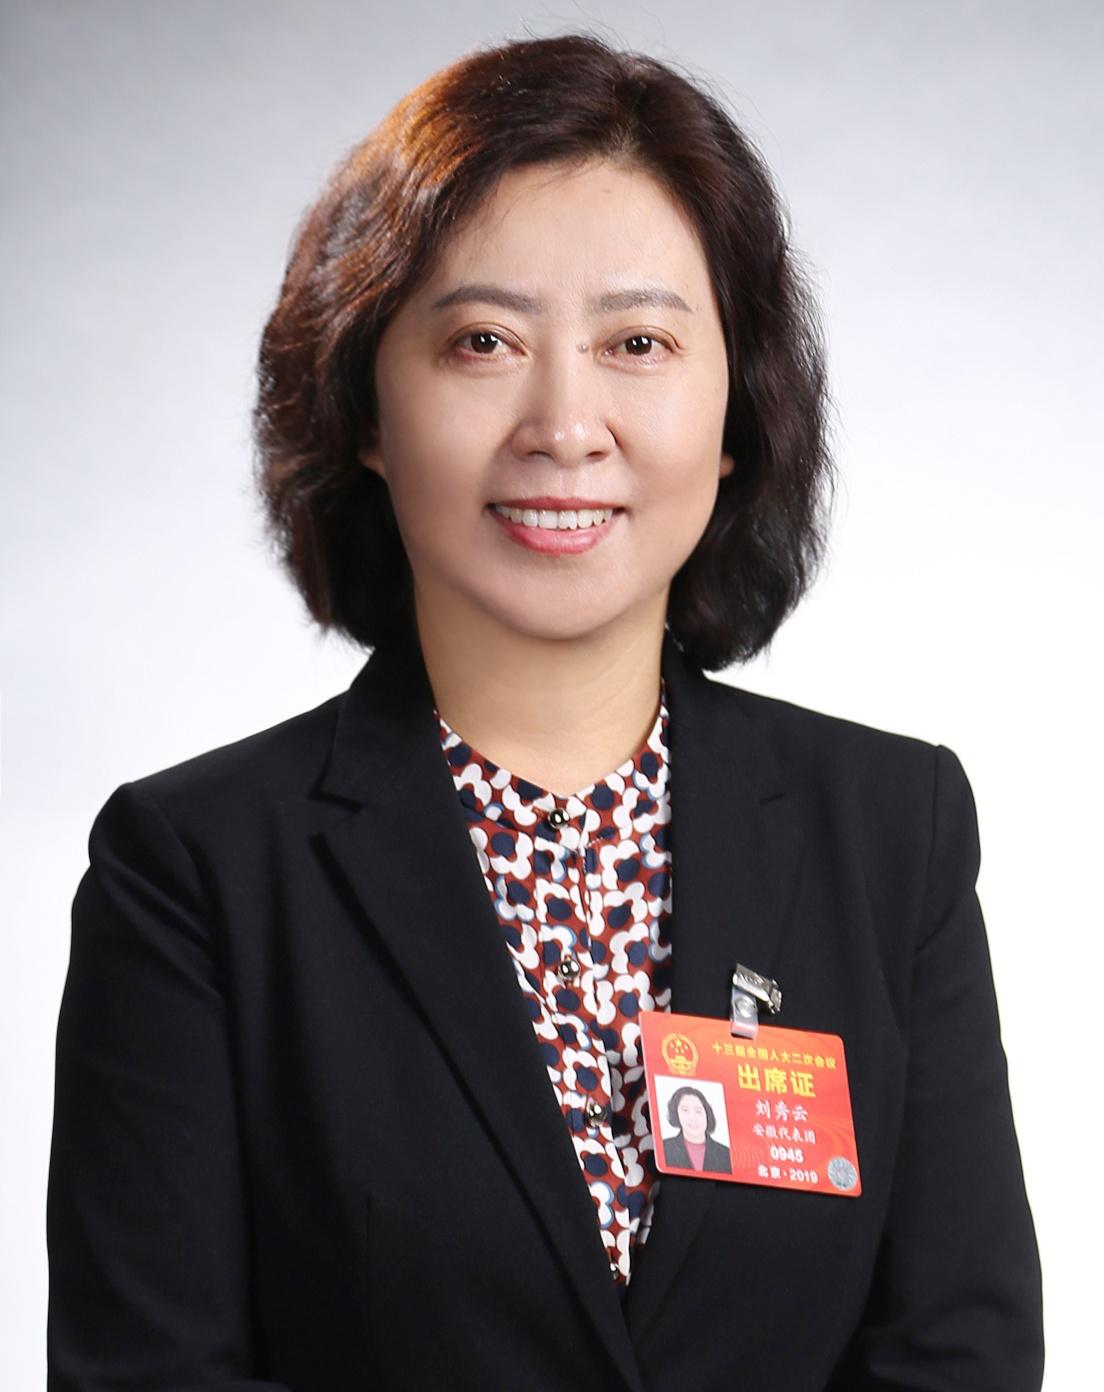 刘秀云、徐珏慧代表:做好未成年人保护工作需要下慢功夫图片